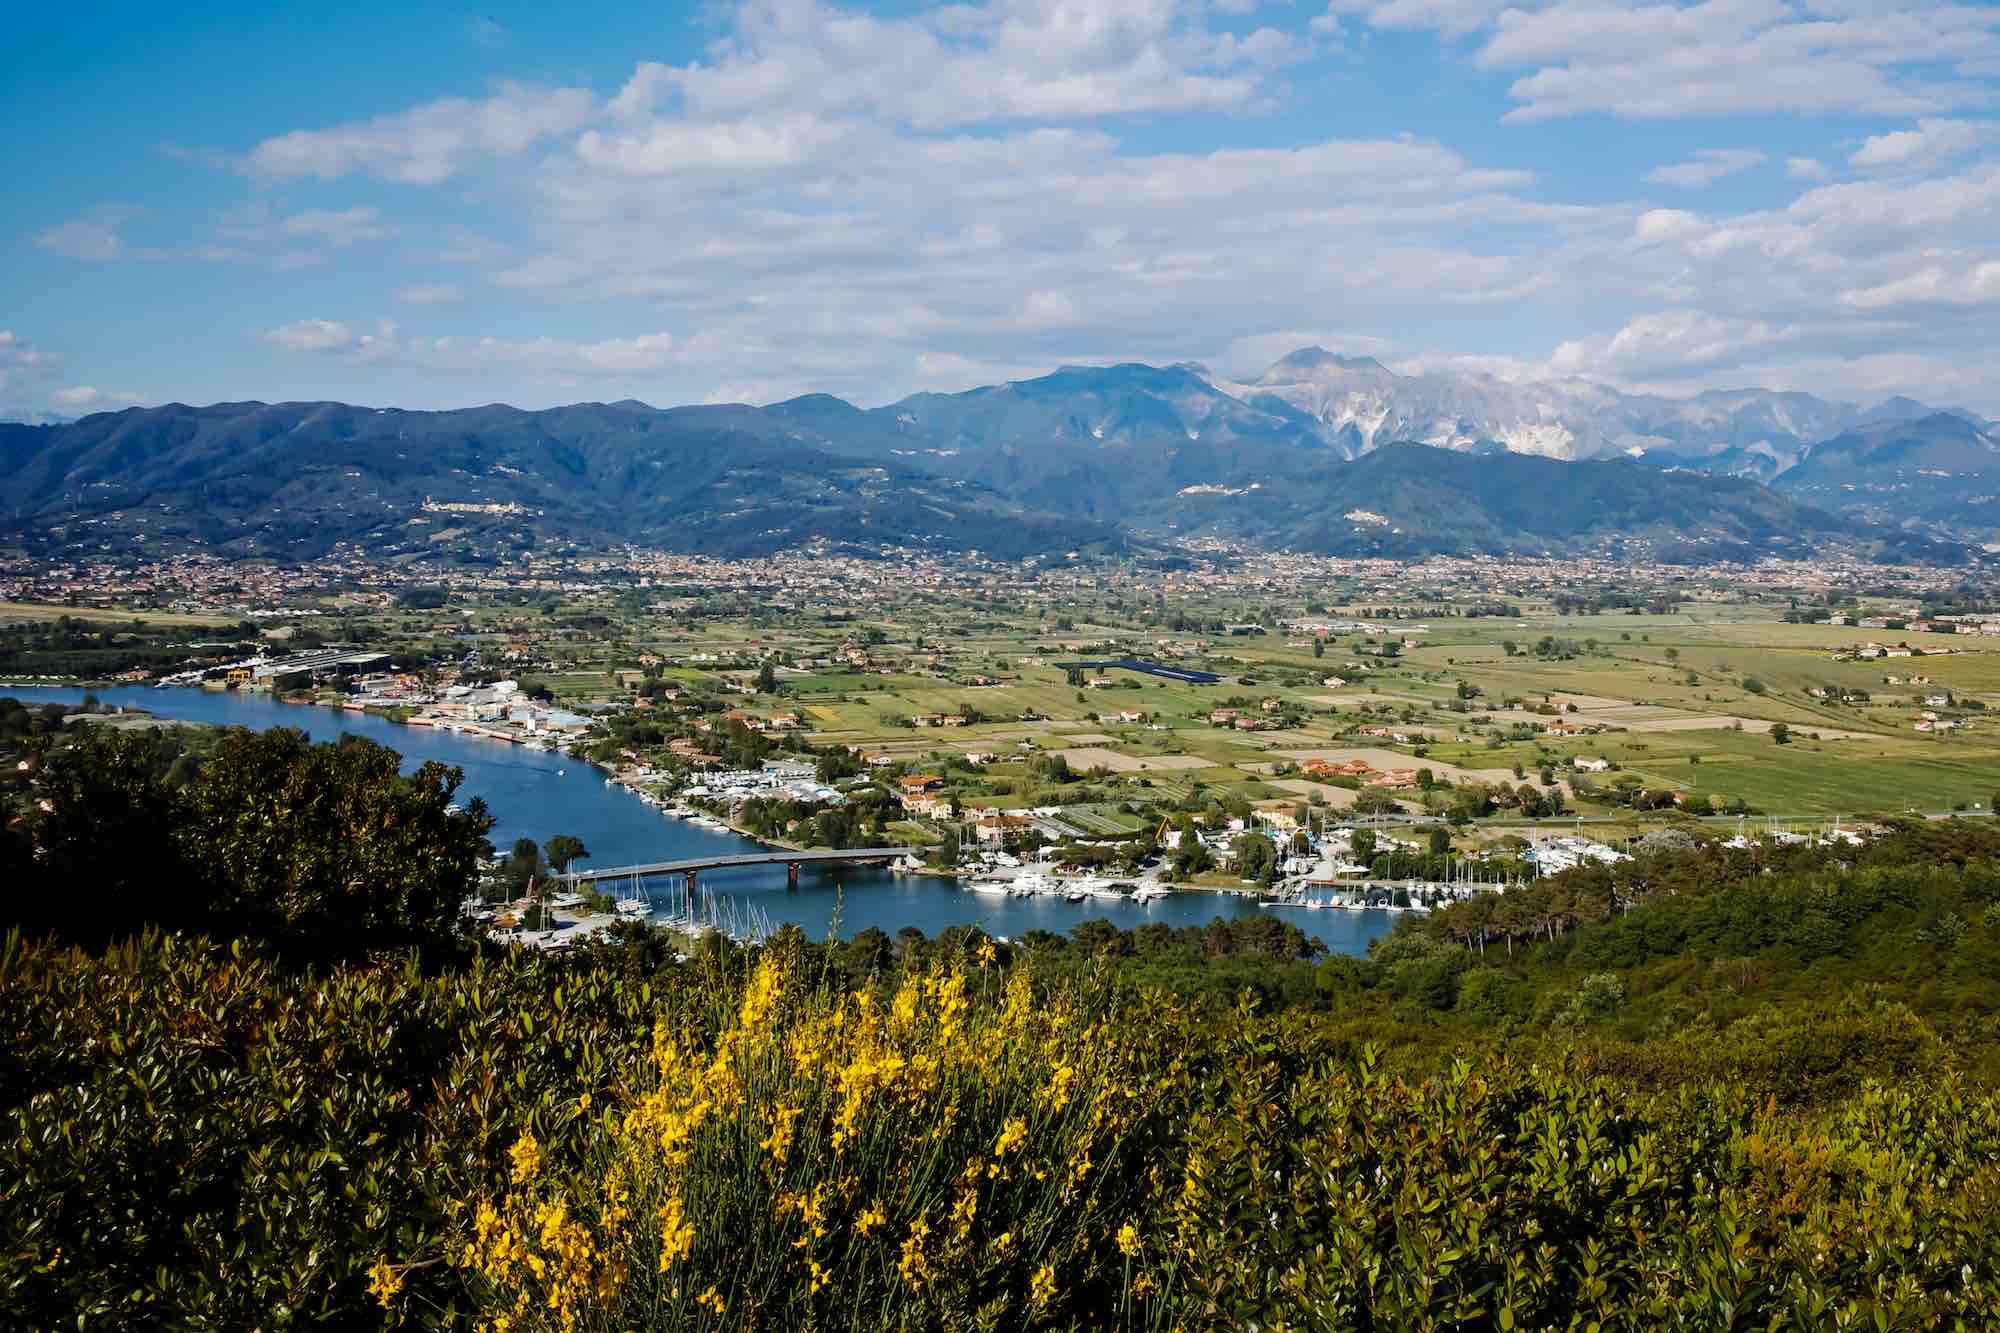 Il fiume Magra segna il confine tra la Versilia e la Lunigiana in Toscana